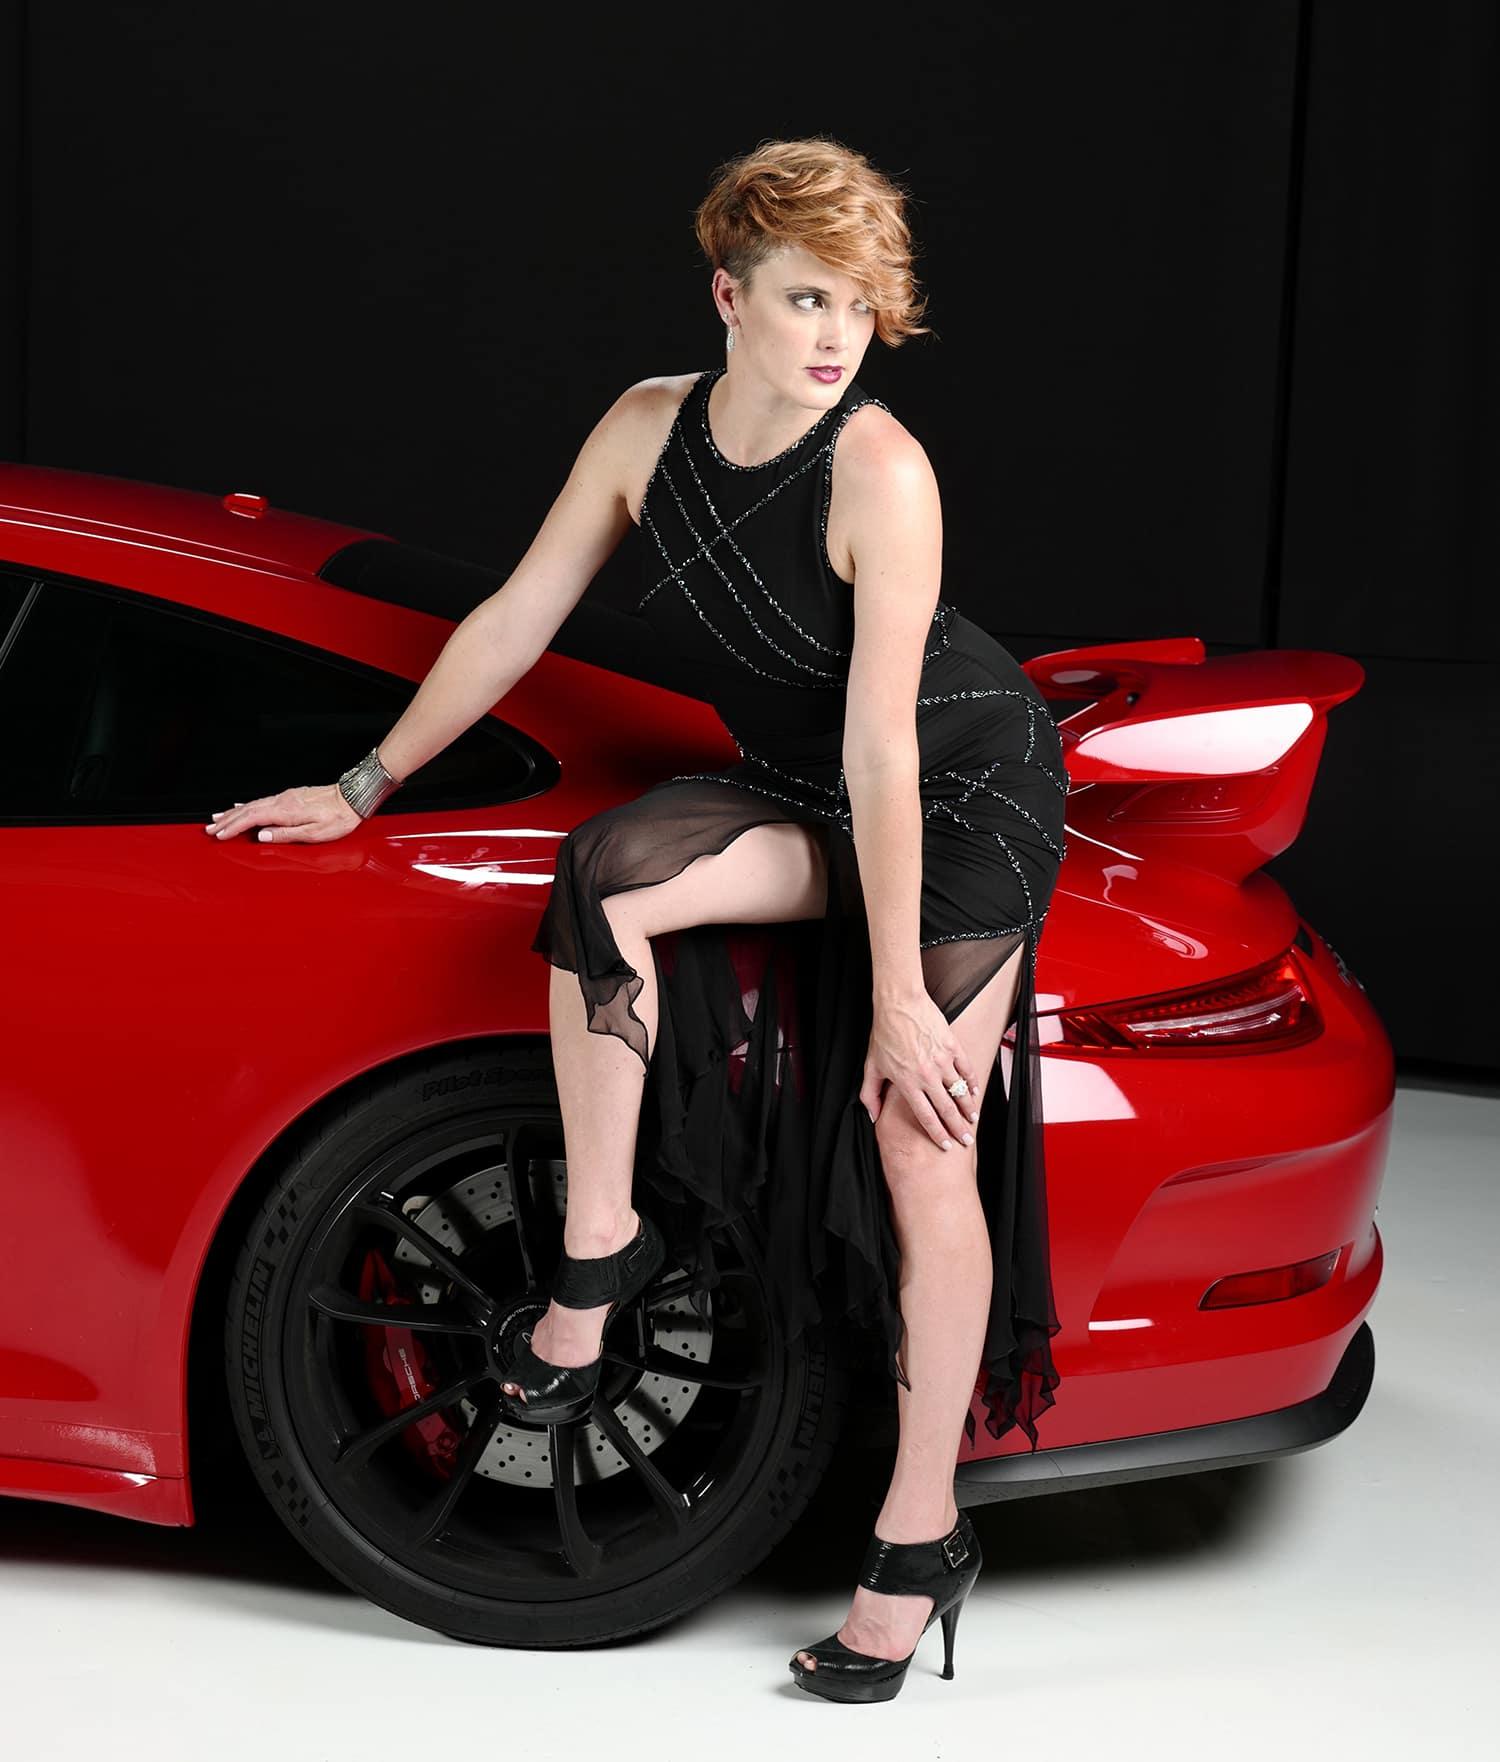 Tana with Porsche